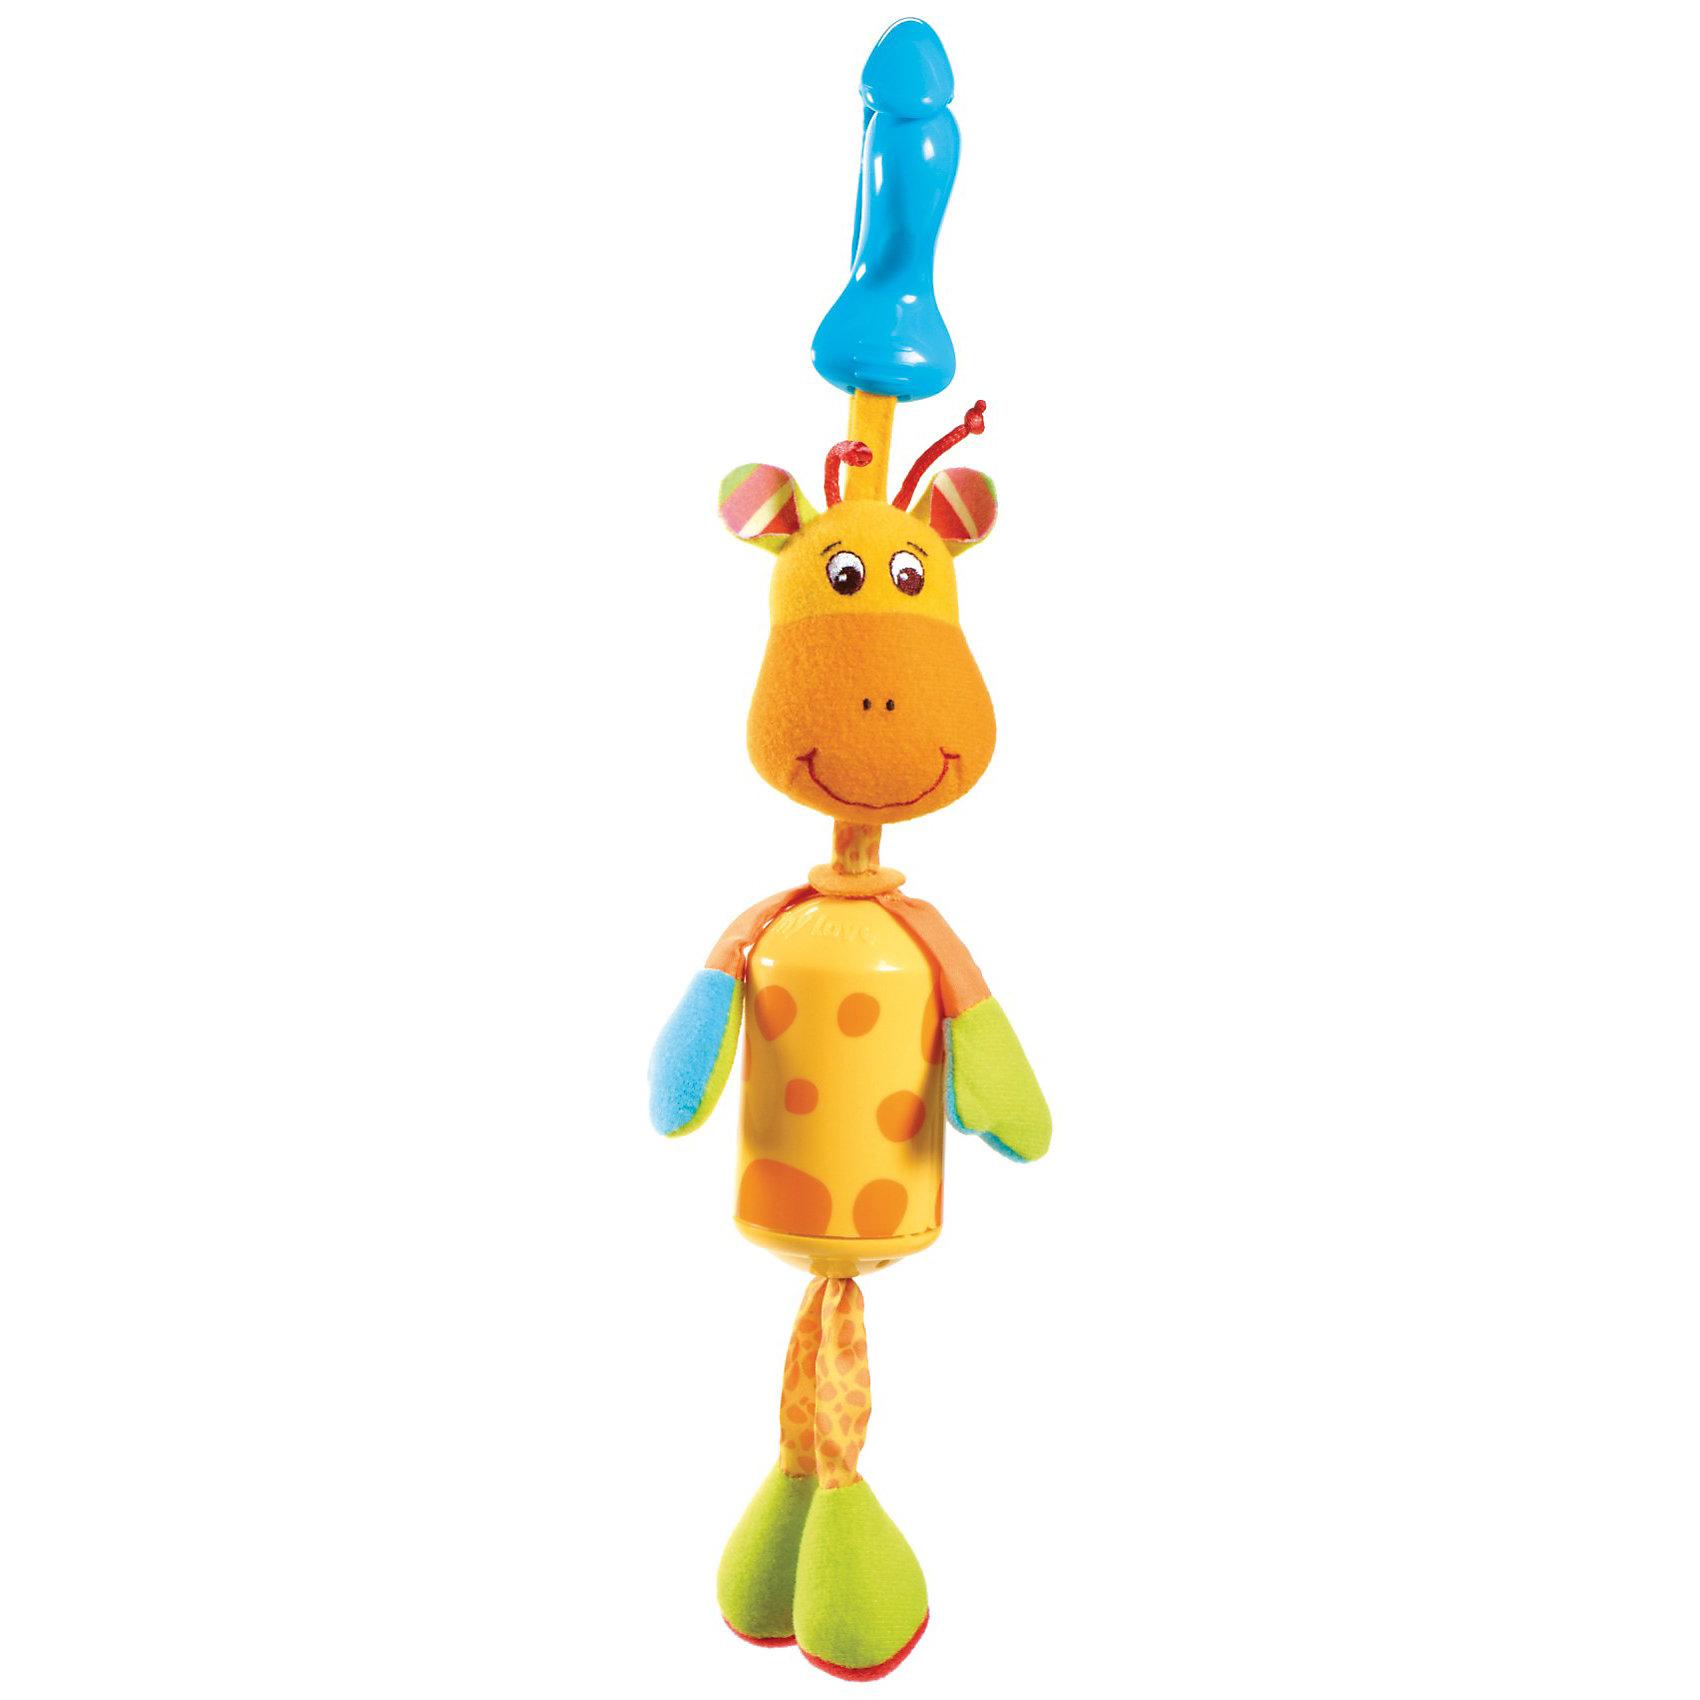 Подвес-колокольчик жираф Самсон, Tiny LoveИгрушки для малышей<br>Подвес-колокольчик жираф Самсон - яркая и симпатичная развивающая игрушка-подвеска со звуковыми эффектами. <br><br>Игрушка выполнена в виде стилизованного ветряного колокольчика. Тело игрушки  выполнено из фарфорового пластика, мордочка, ручки и ножки  - из приятных текстильных материалов различной фактуры.<br>У Самсона очень милая симпатичная мордочка, которая наверняка понравится крохе. Ножки жирафа выполнены из мягкого материала с хрустящим наполнителем,  они легко мнутся и замечательно шуршат. Лапки-верёвочки подвижные, их можно трогать, теребить, поворачивать и сгибать как угодно. Тельце Жирафа – яркий пластиковый цилиндр с геометрическим рисунком, даже при лёгком прикосновении к игрушке он издаёт негромкий и приятный мелодичный звук, сродний звону ветряных колокольчиков, и привлекает тем самым внимание ребёнка. <br>Игрушка с помощью пластикового крабика-клипсы легко и быстро закрепляется на кроватке, прогулочной коляске или кресле малыша, а также к дугам развивающего центра.<br><br>Дополнительная инфоррмация:<br><br>- Материалы: фарфоровый пластик, текстиль.<br>- Звуковые эффекты.<br>- Крепление-крабик.<br><br>Подвес-колокольчик жираф Самсон, Tiny Love (Тини Лав) можно купить в нашем интернет магазине.<br><br>Ширина мм: 70<br>Глубина мм: 130<br>Высота мм: 340<br>Вес г: 128<br>Возраст от месяцев: 0<br>Возраст до месяцев: 24<br>Пол: Унисекс<br>Возраст: Детский<br>SKU: 2620734